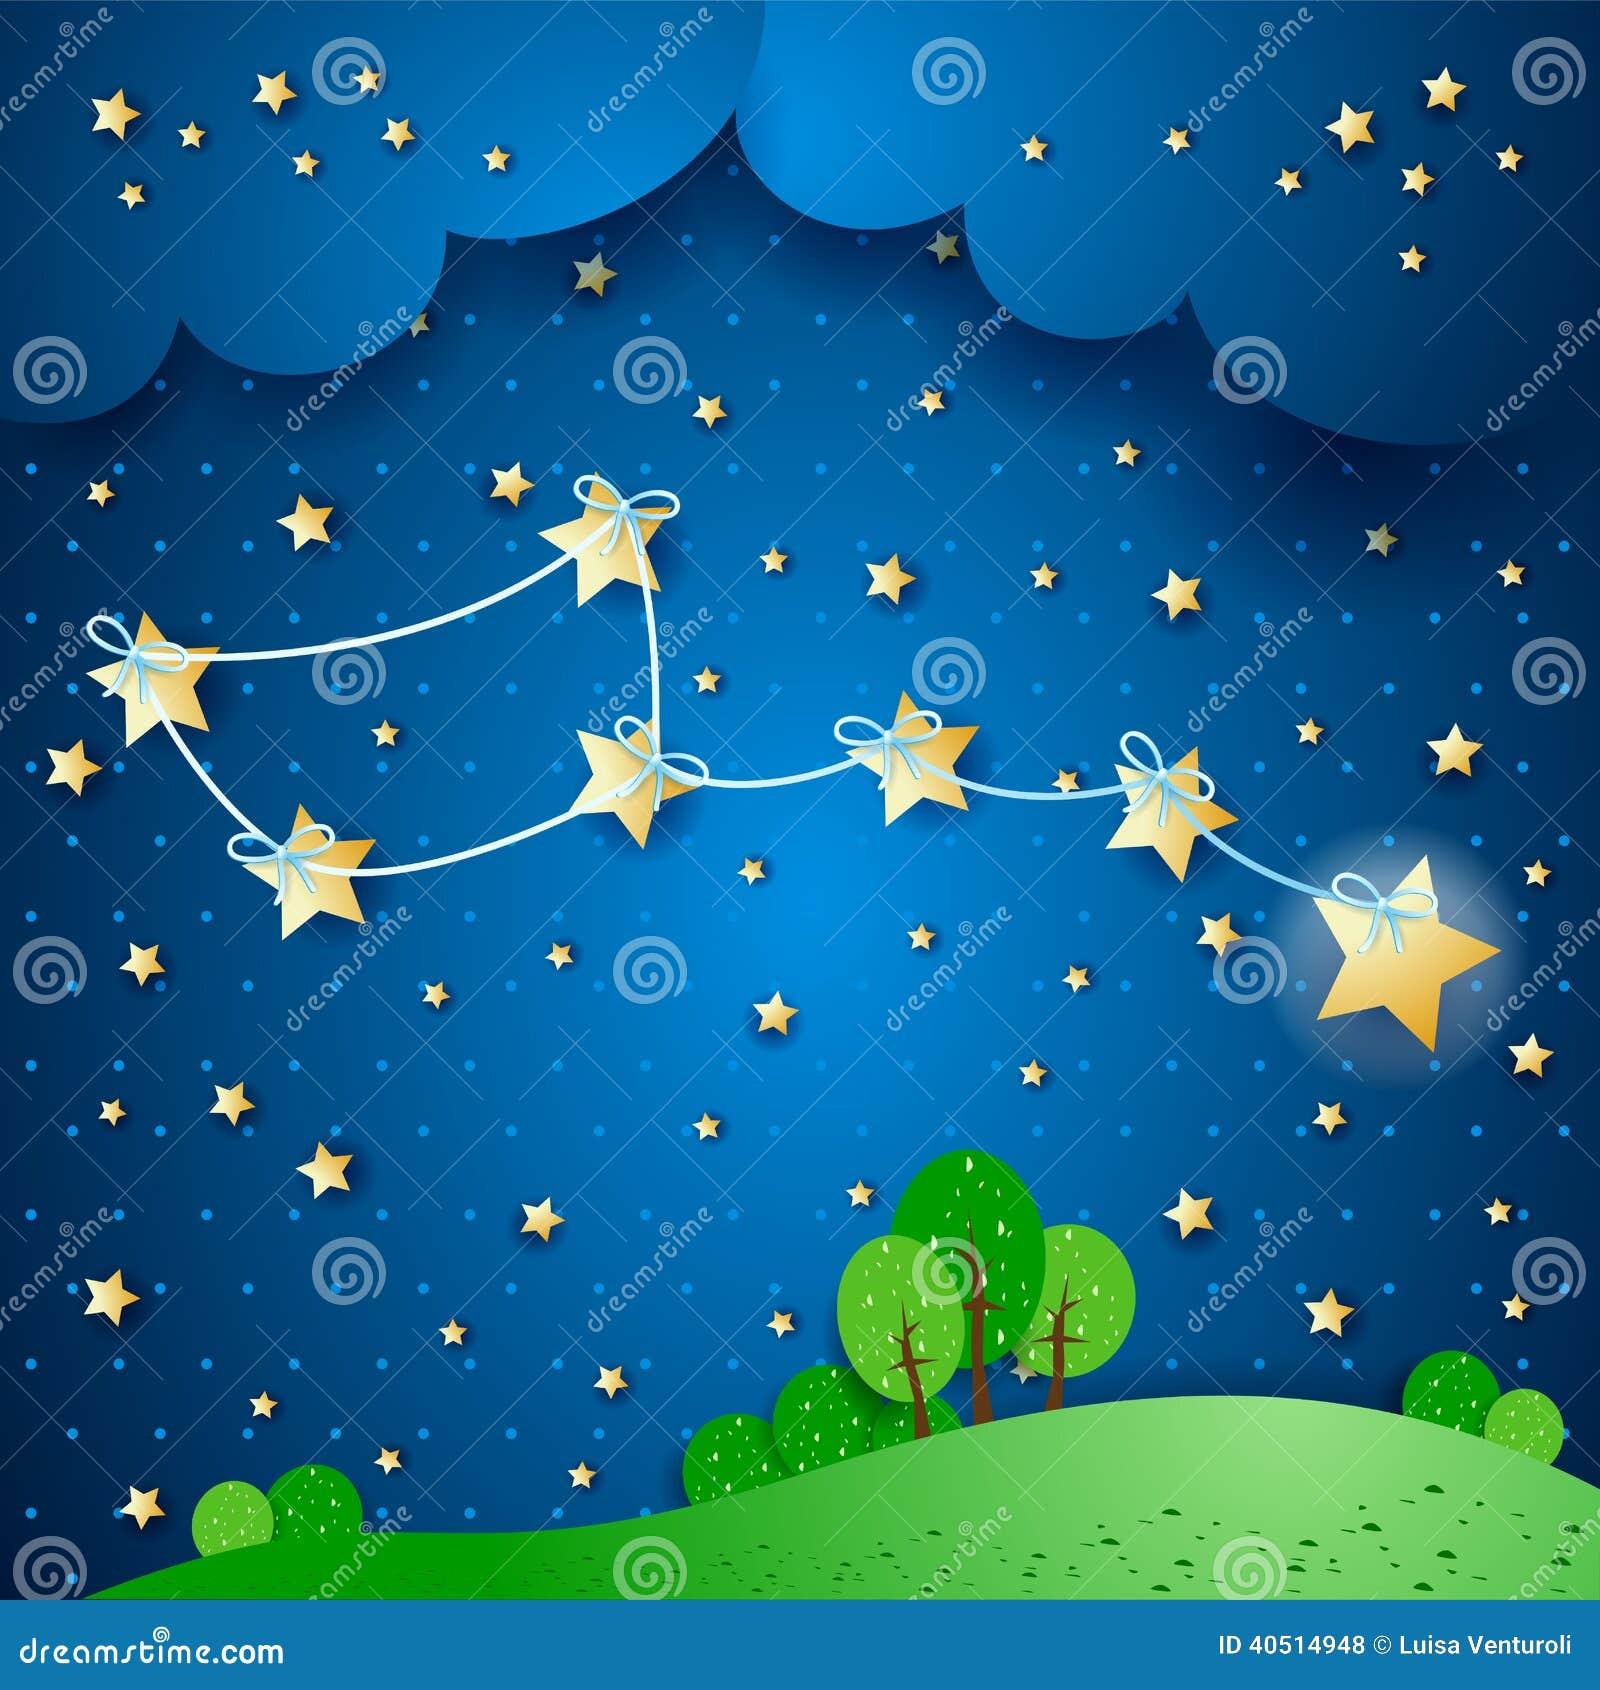 Download Polar Star Fantasy Illustration Stock Vector